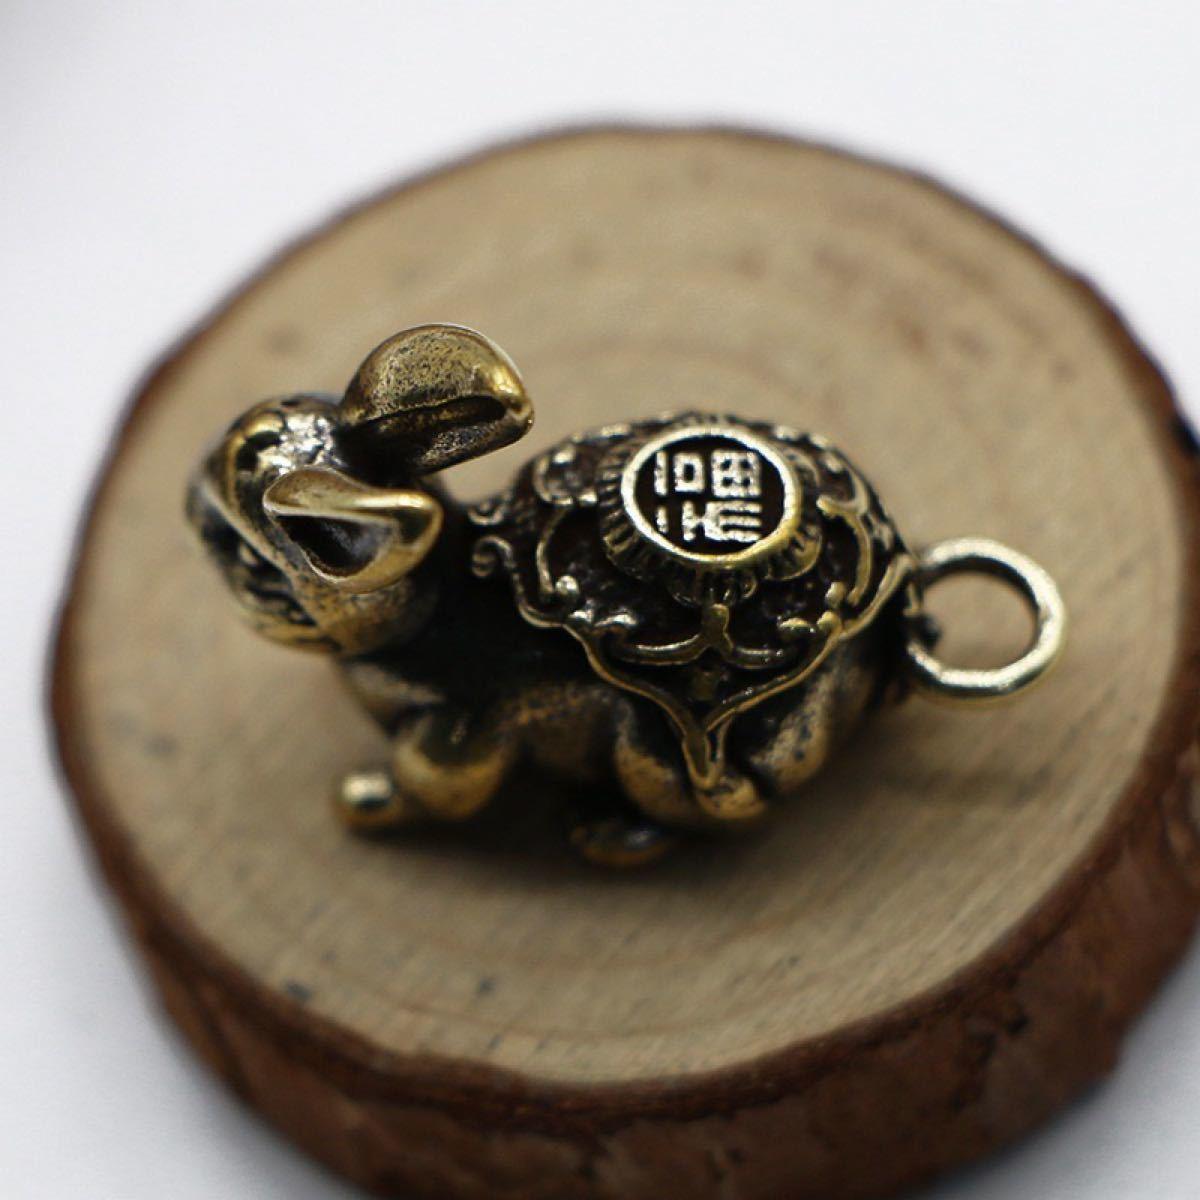 真鍮 干支 ウサギペンダント キーホルダー うさぎ 兎 キーリング キーチェーン